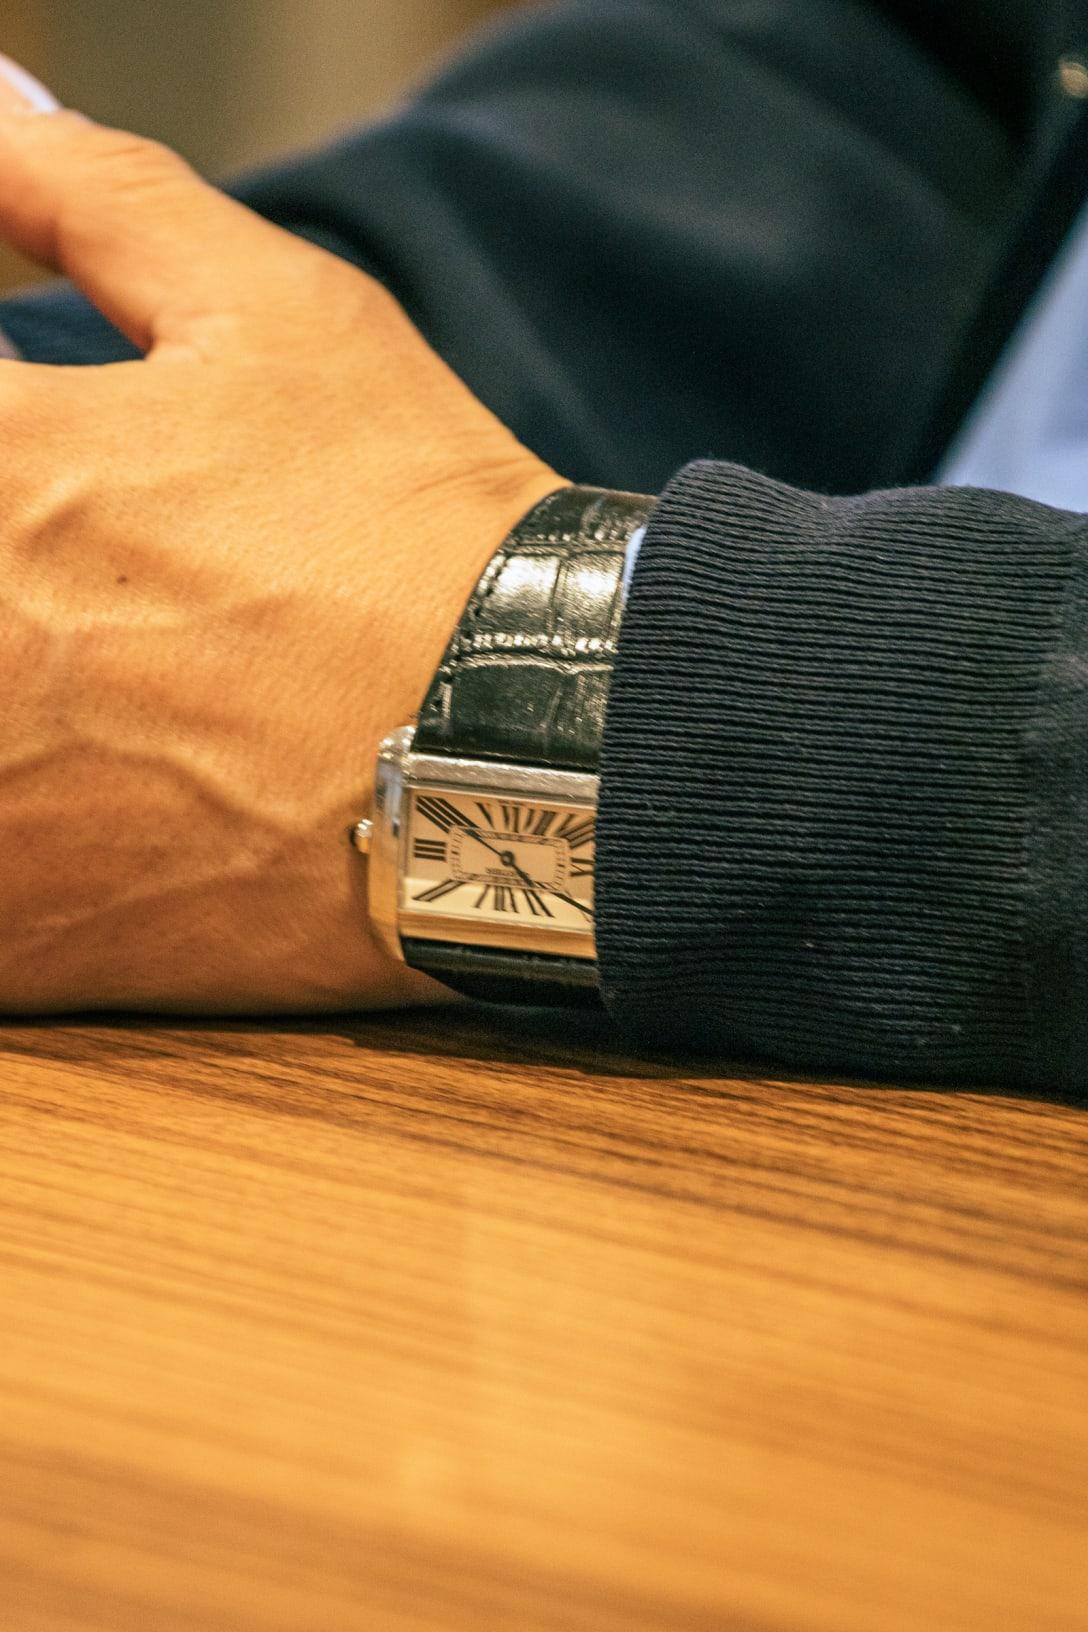 愛用の時計は「カルティエ」 Image by FASHIONSNAP.COM